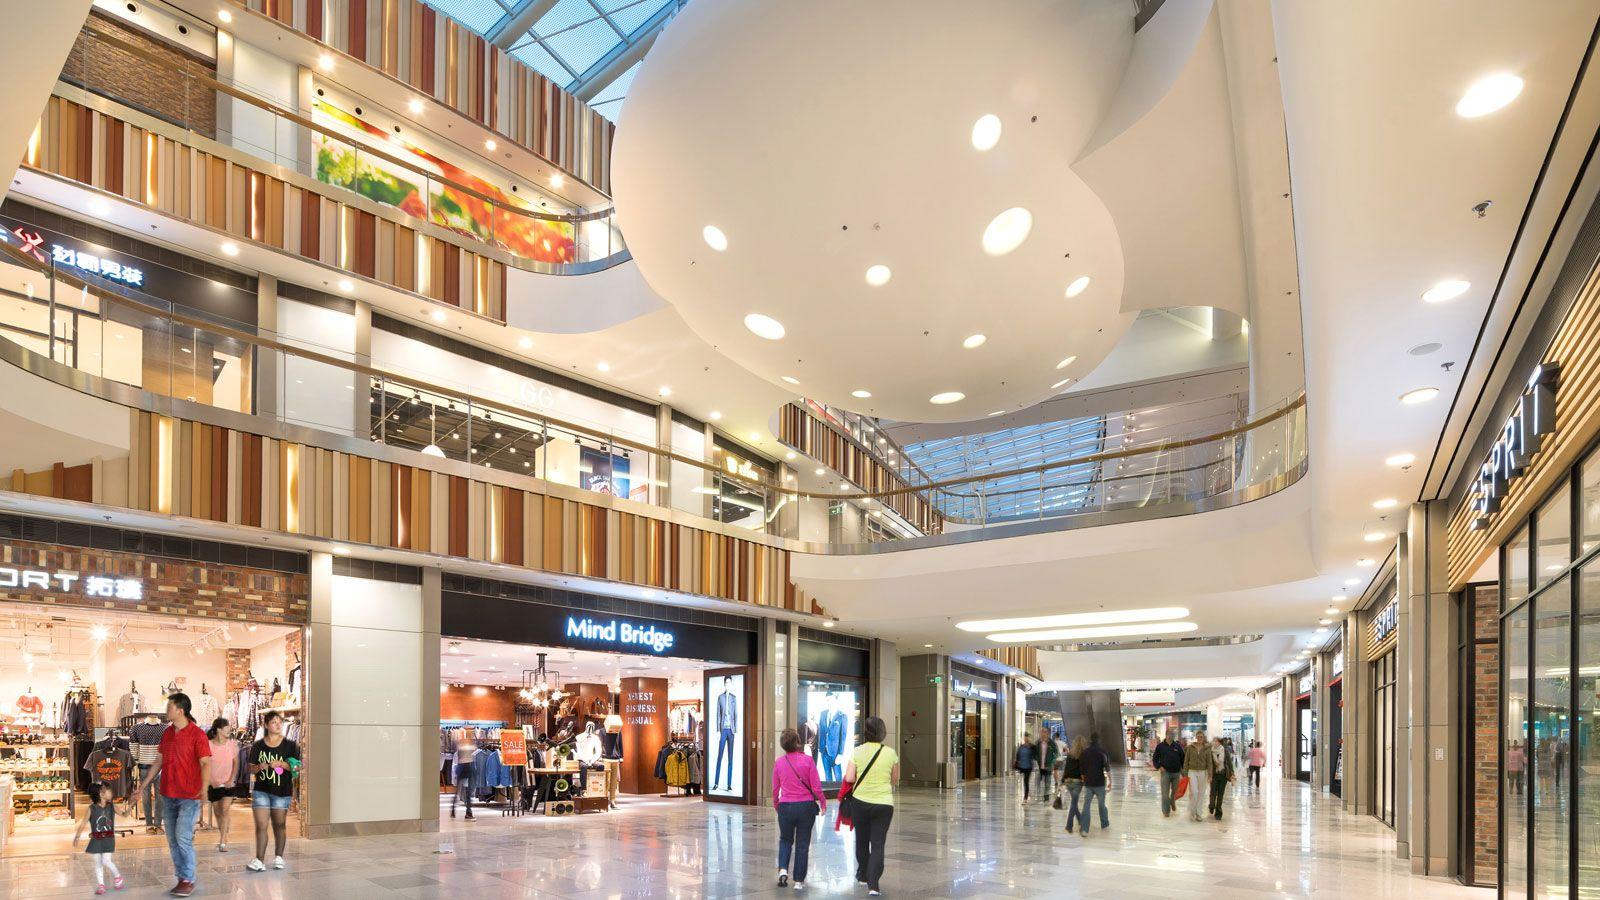 Wuxi Ikea Shopping Mall Ikea Shopping Shoping Mall Shopping Mall